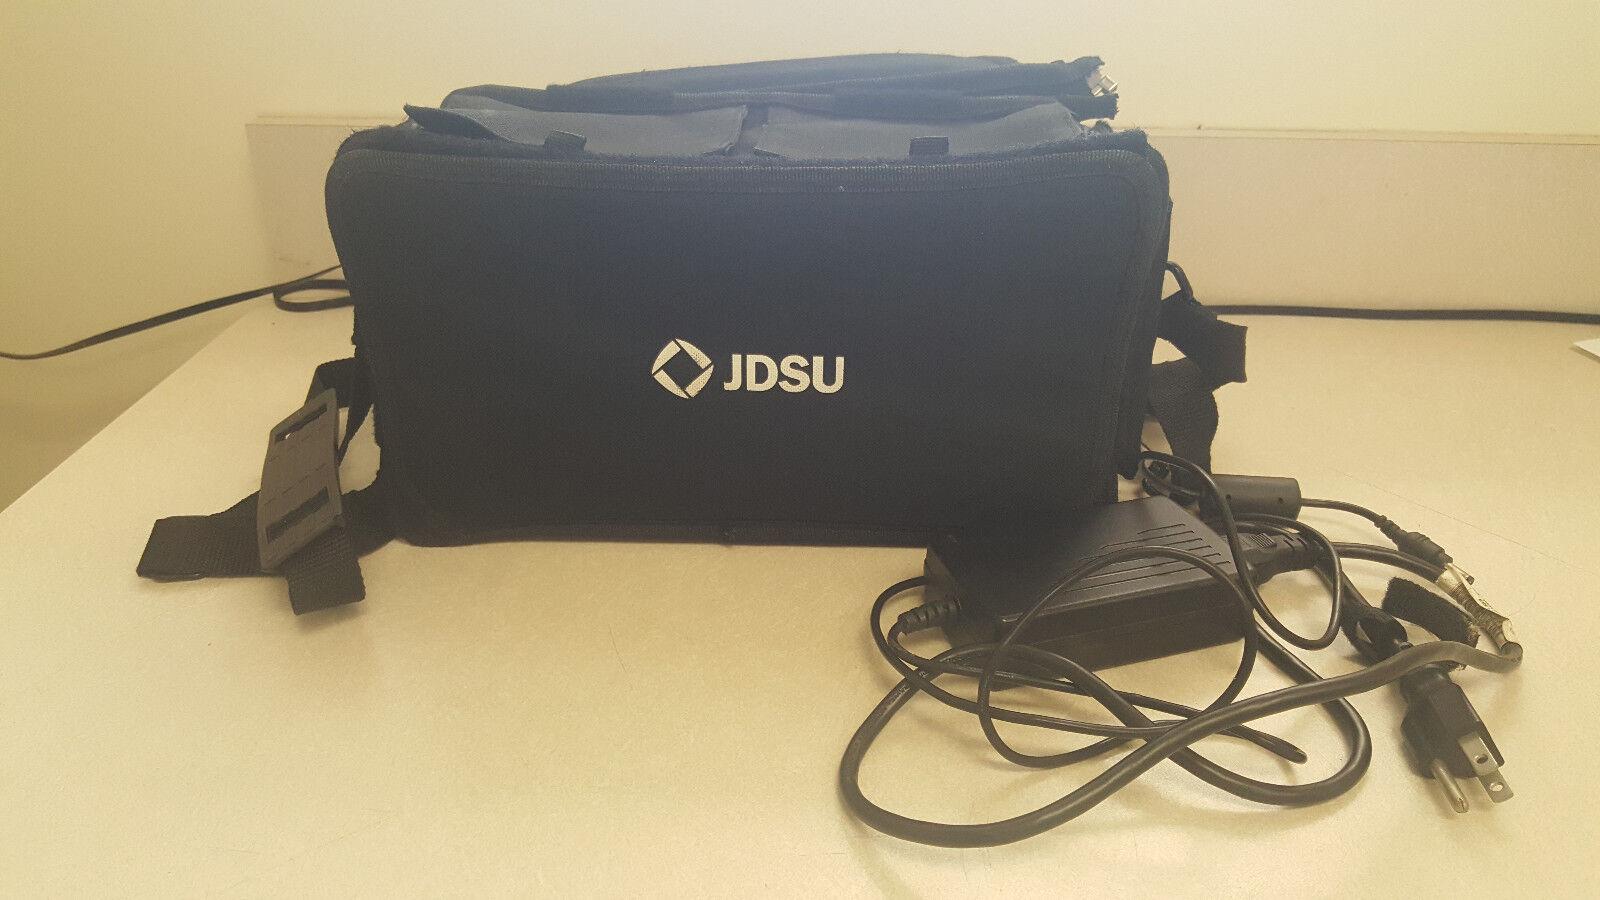 JDSU VIAVI MTS T-BERD 4000 Fiber OTDR w/ 4126 MA and OPTIONS FC-S-PM